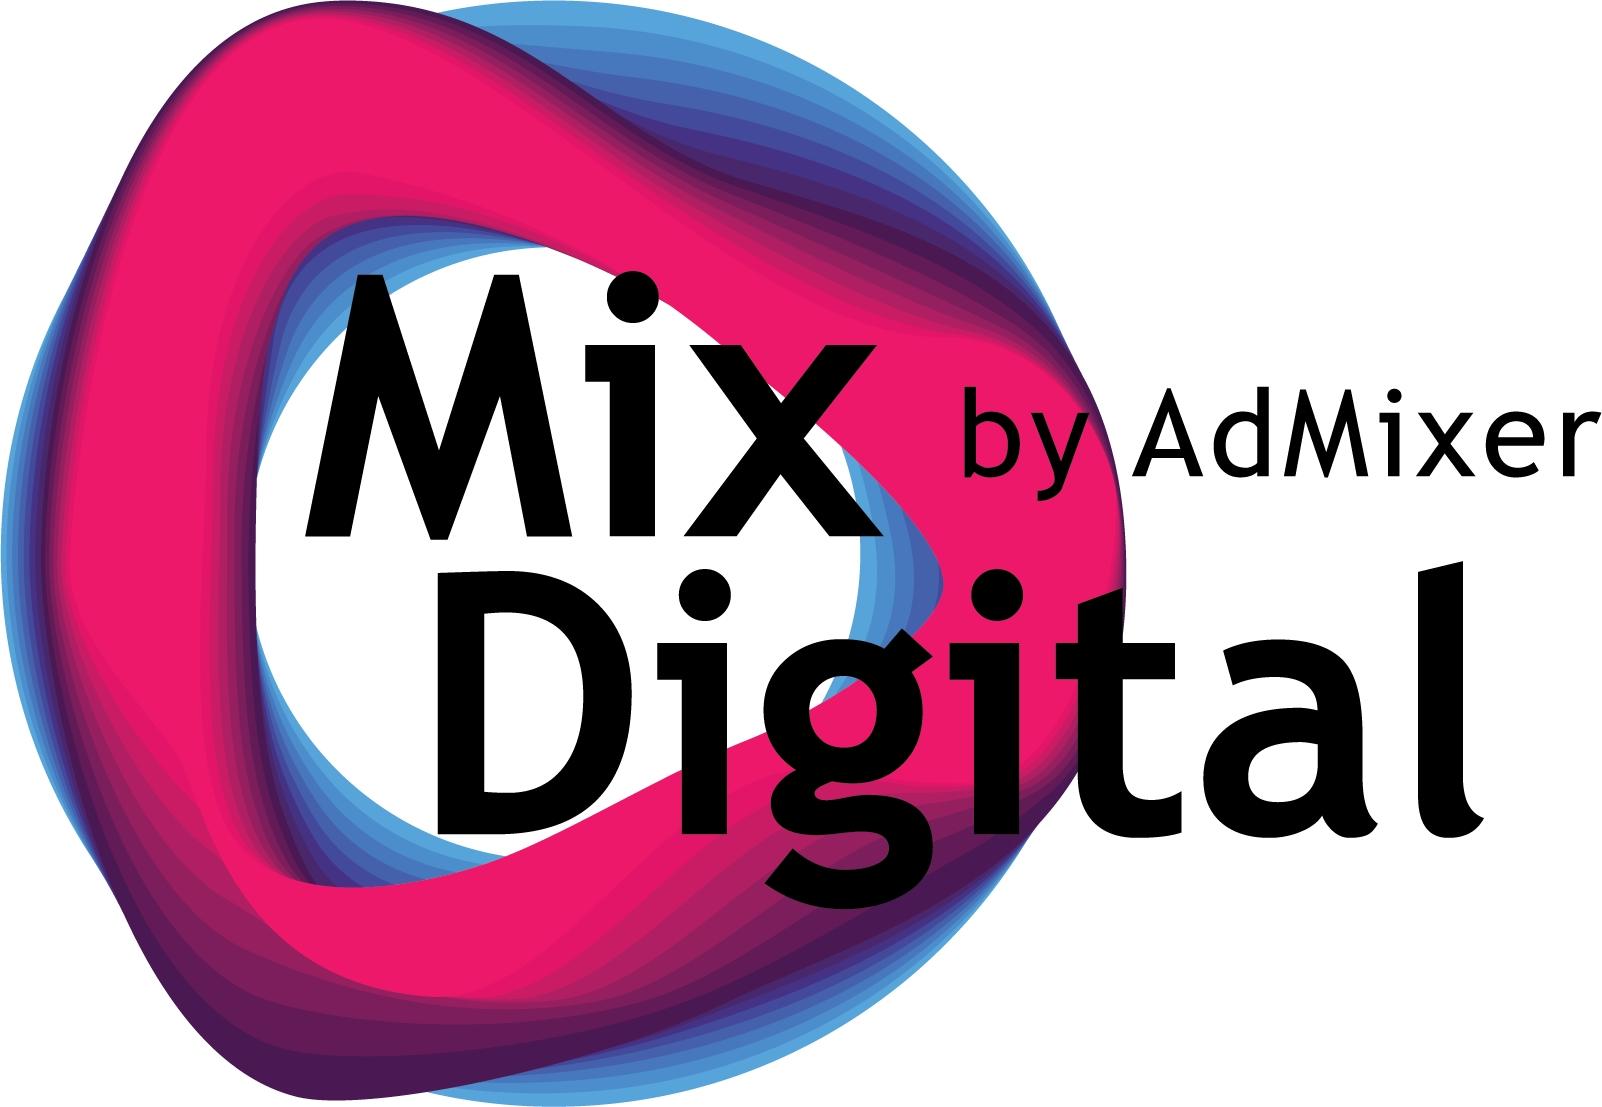 Mix Digitl